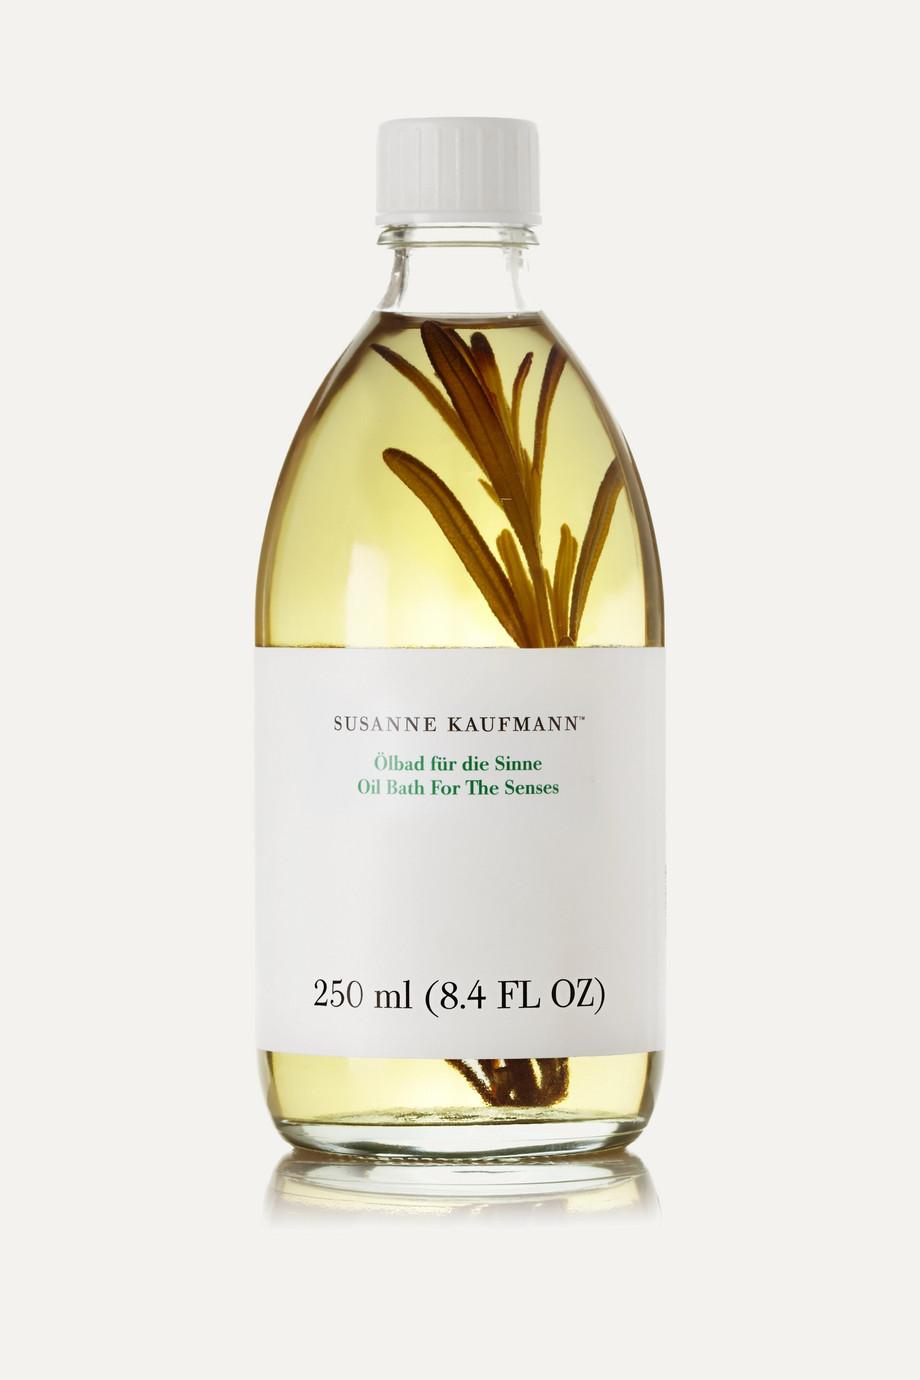 Susanne Kaufmann Essential Bath Oil For The Senses, 250ml